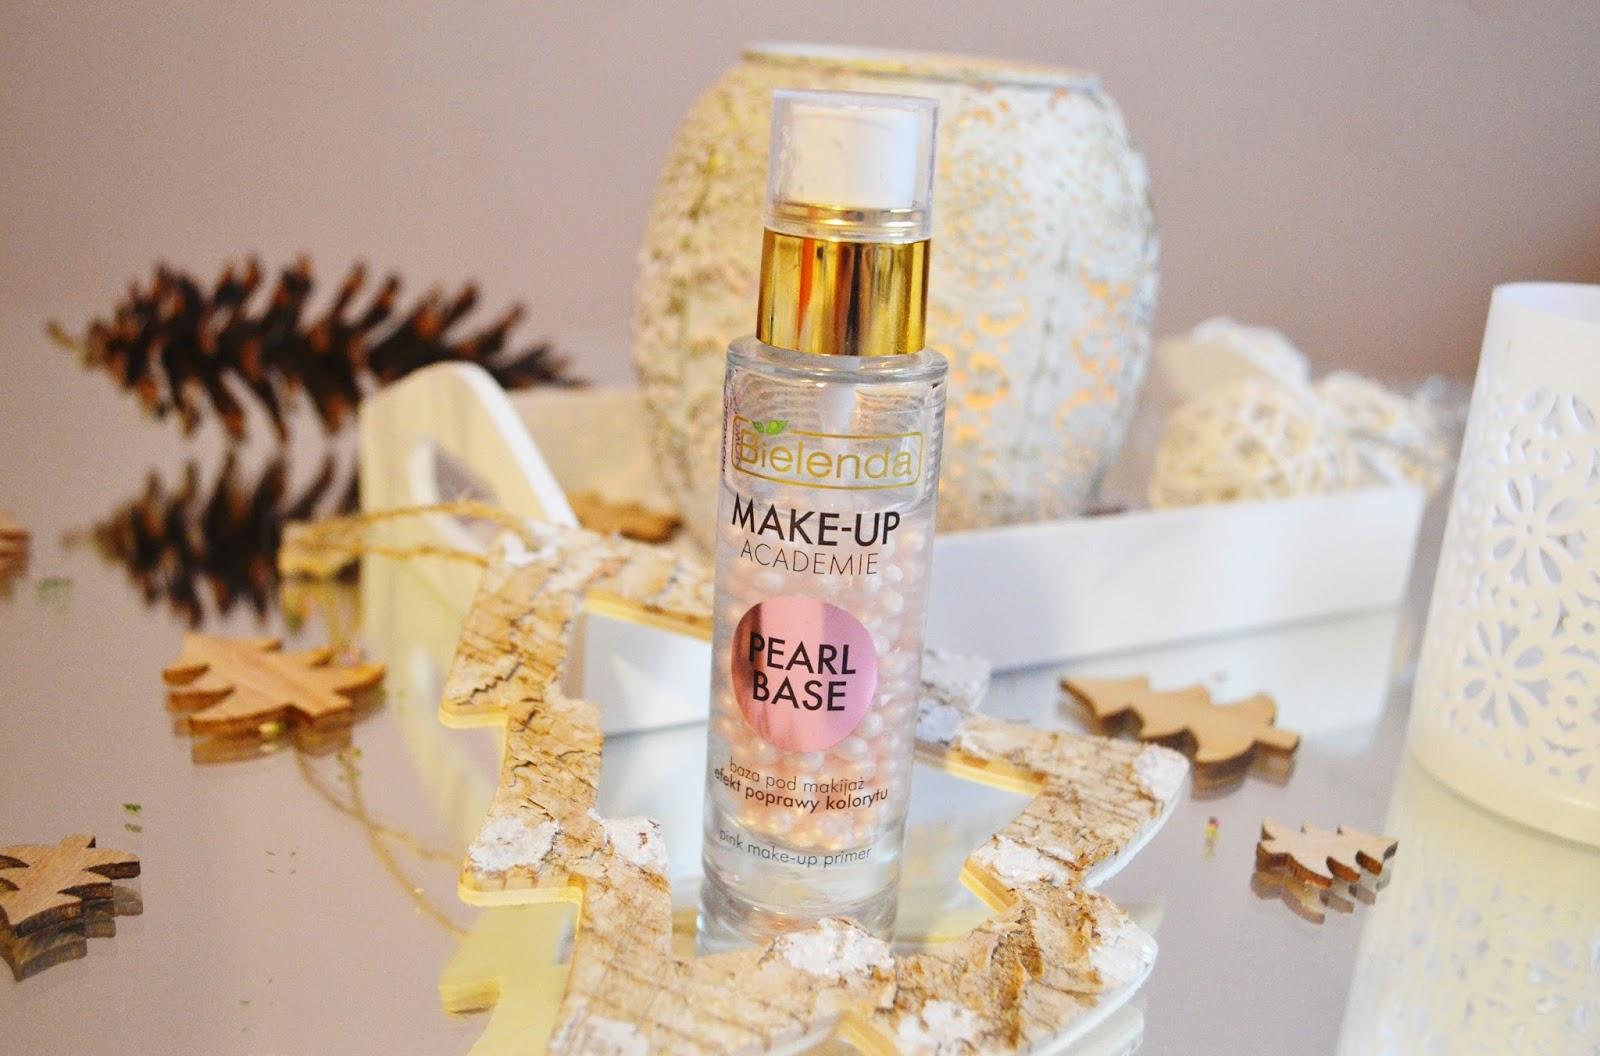 Bielenda, Make up Academie, pearl base, różowa baza pod makijaż - EFEKT POPRAWY KOLORYTU